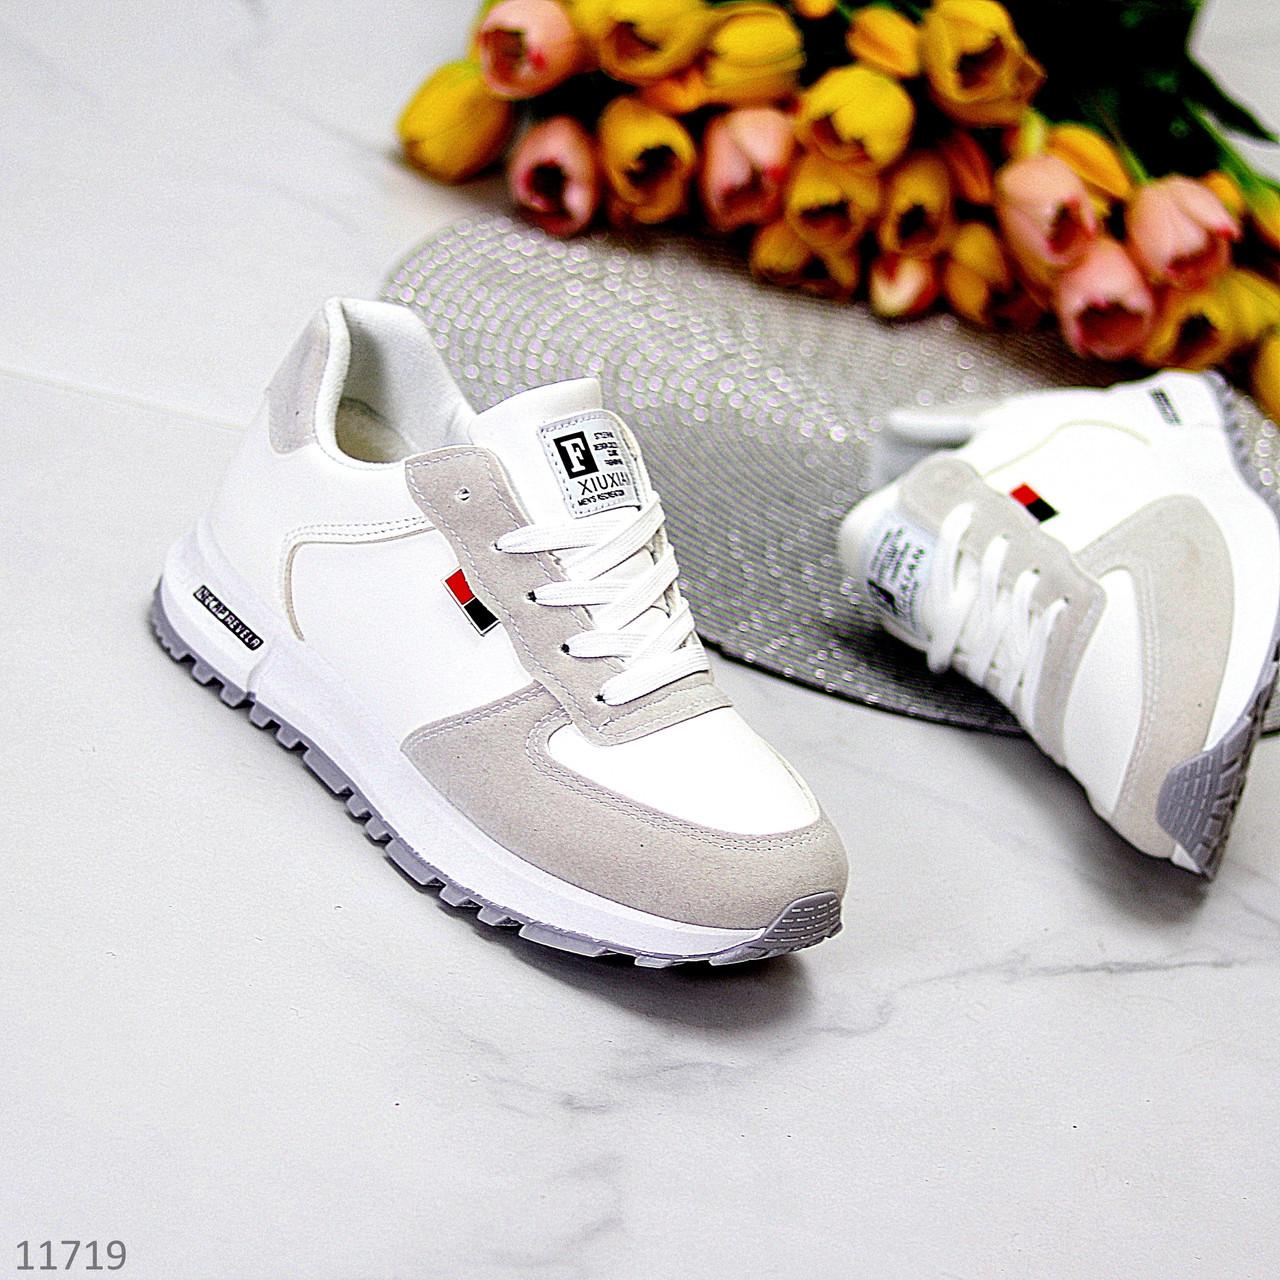 Белые замшевые повседневные зимние женские кроссовки на меху шнуровка